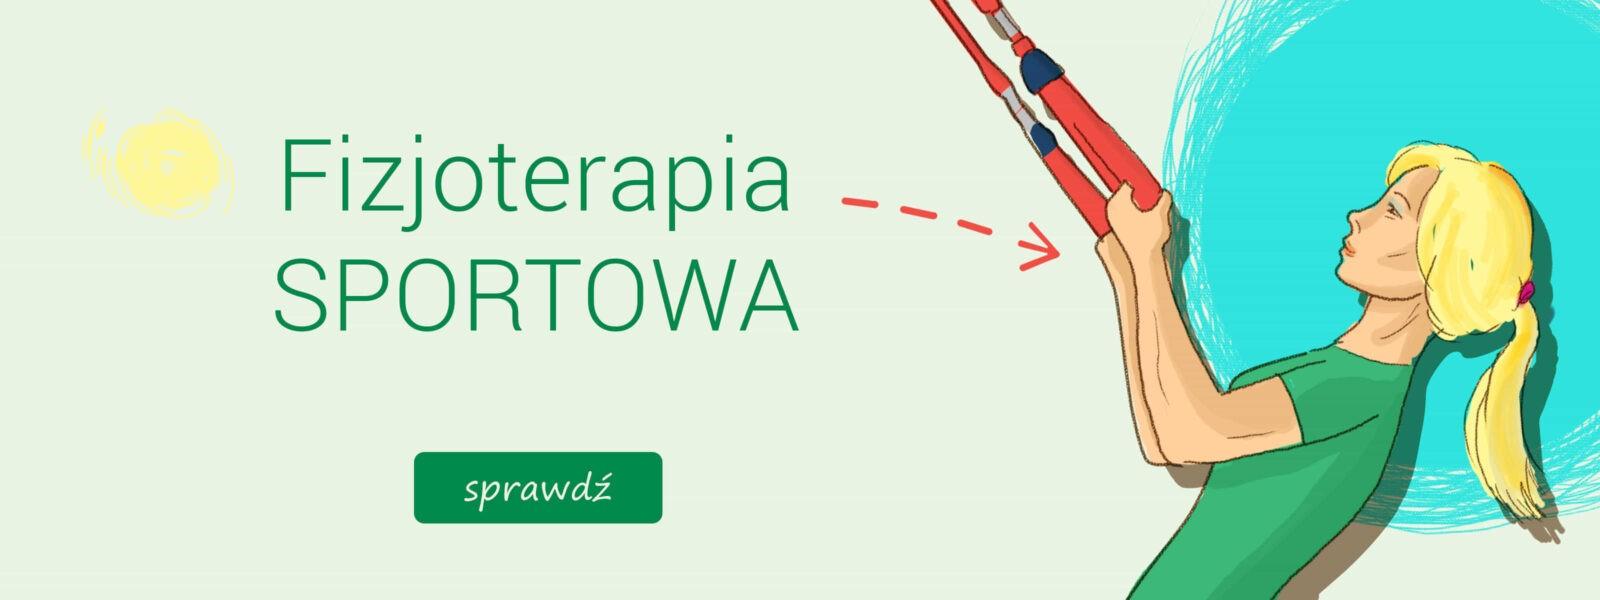 Fizjoterapia sportowa Fizjoterapia Panaceum Kraków Paweł Czarnocki